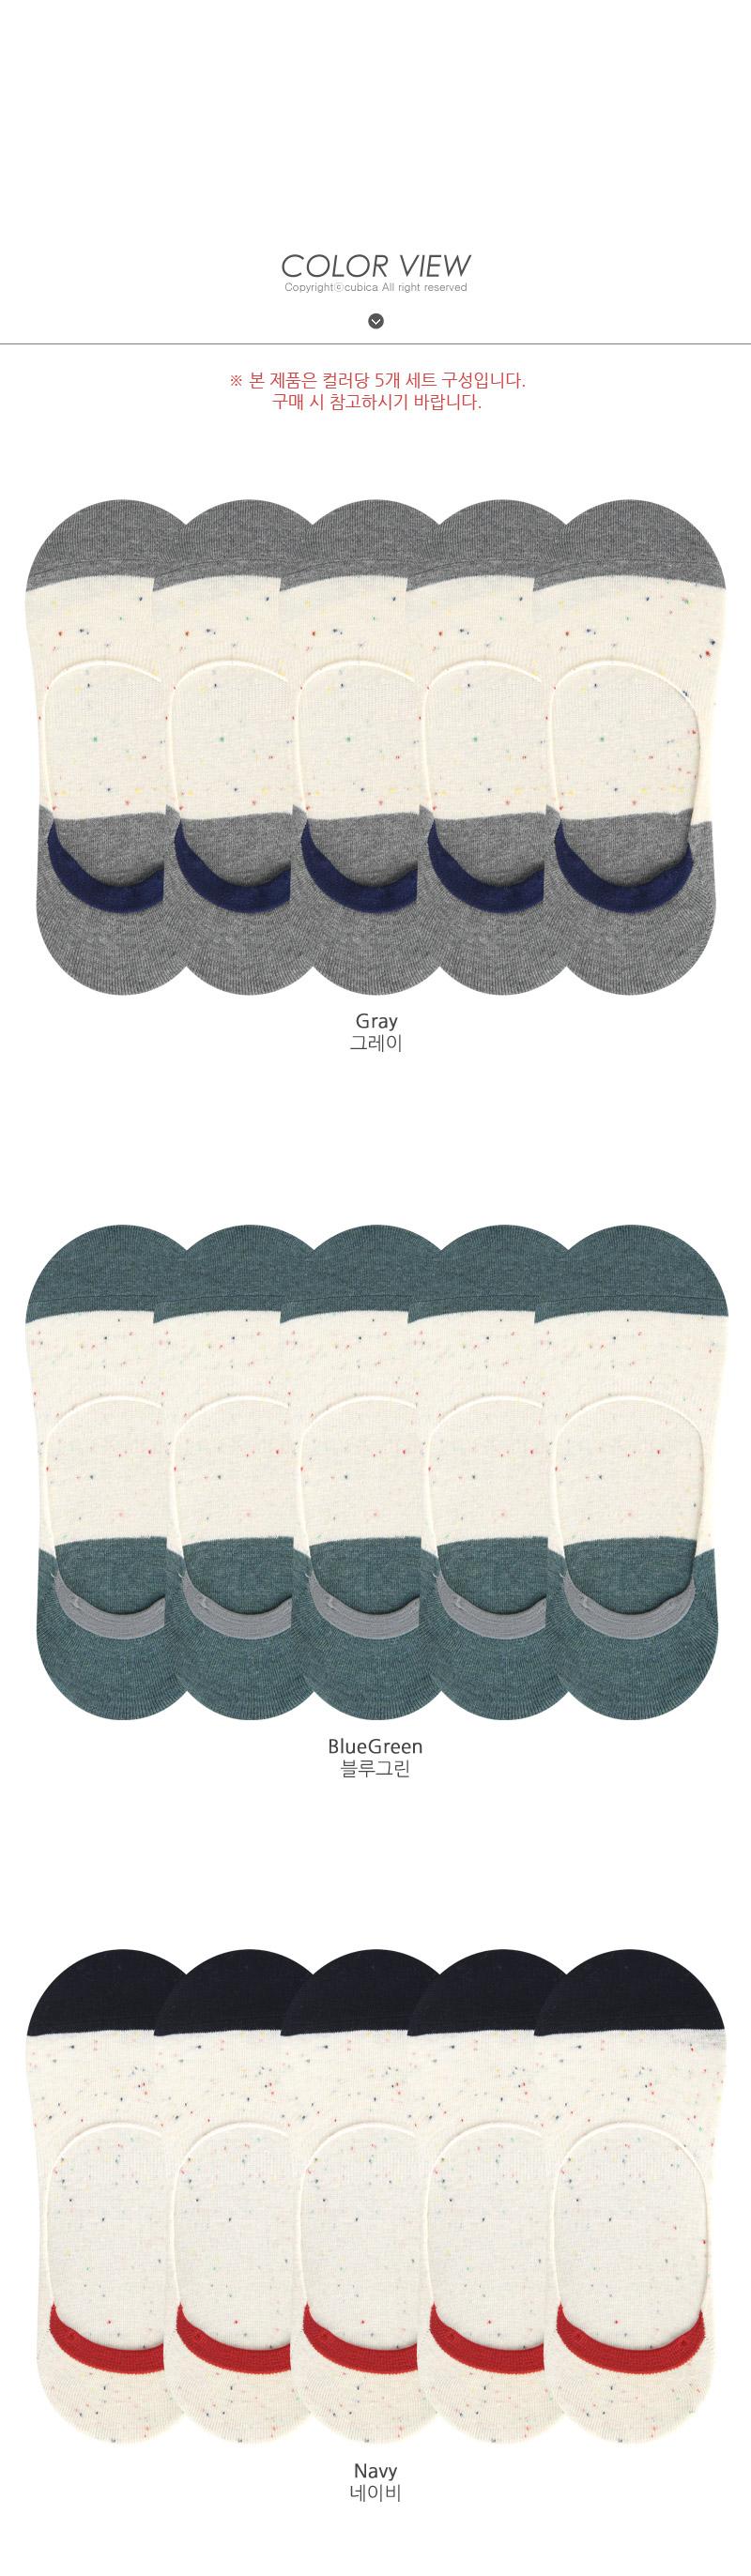 페이크삭스 배색냅사 실리콘덧신 남성양말5족 - 쿠비카, 9,900원, 남성양말, 페이크삭스